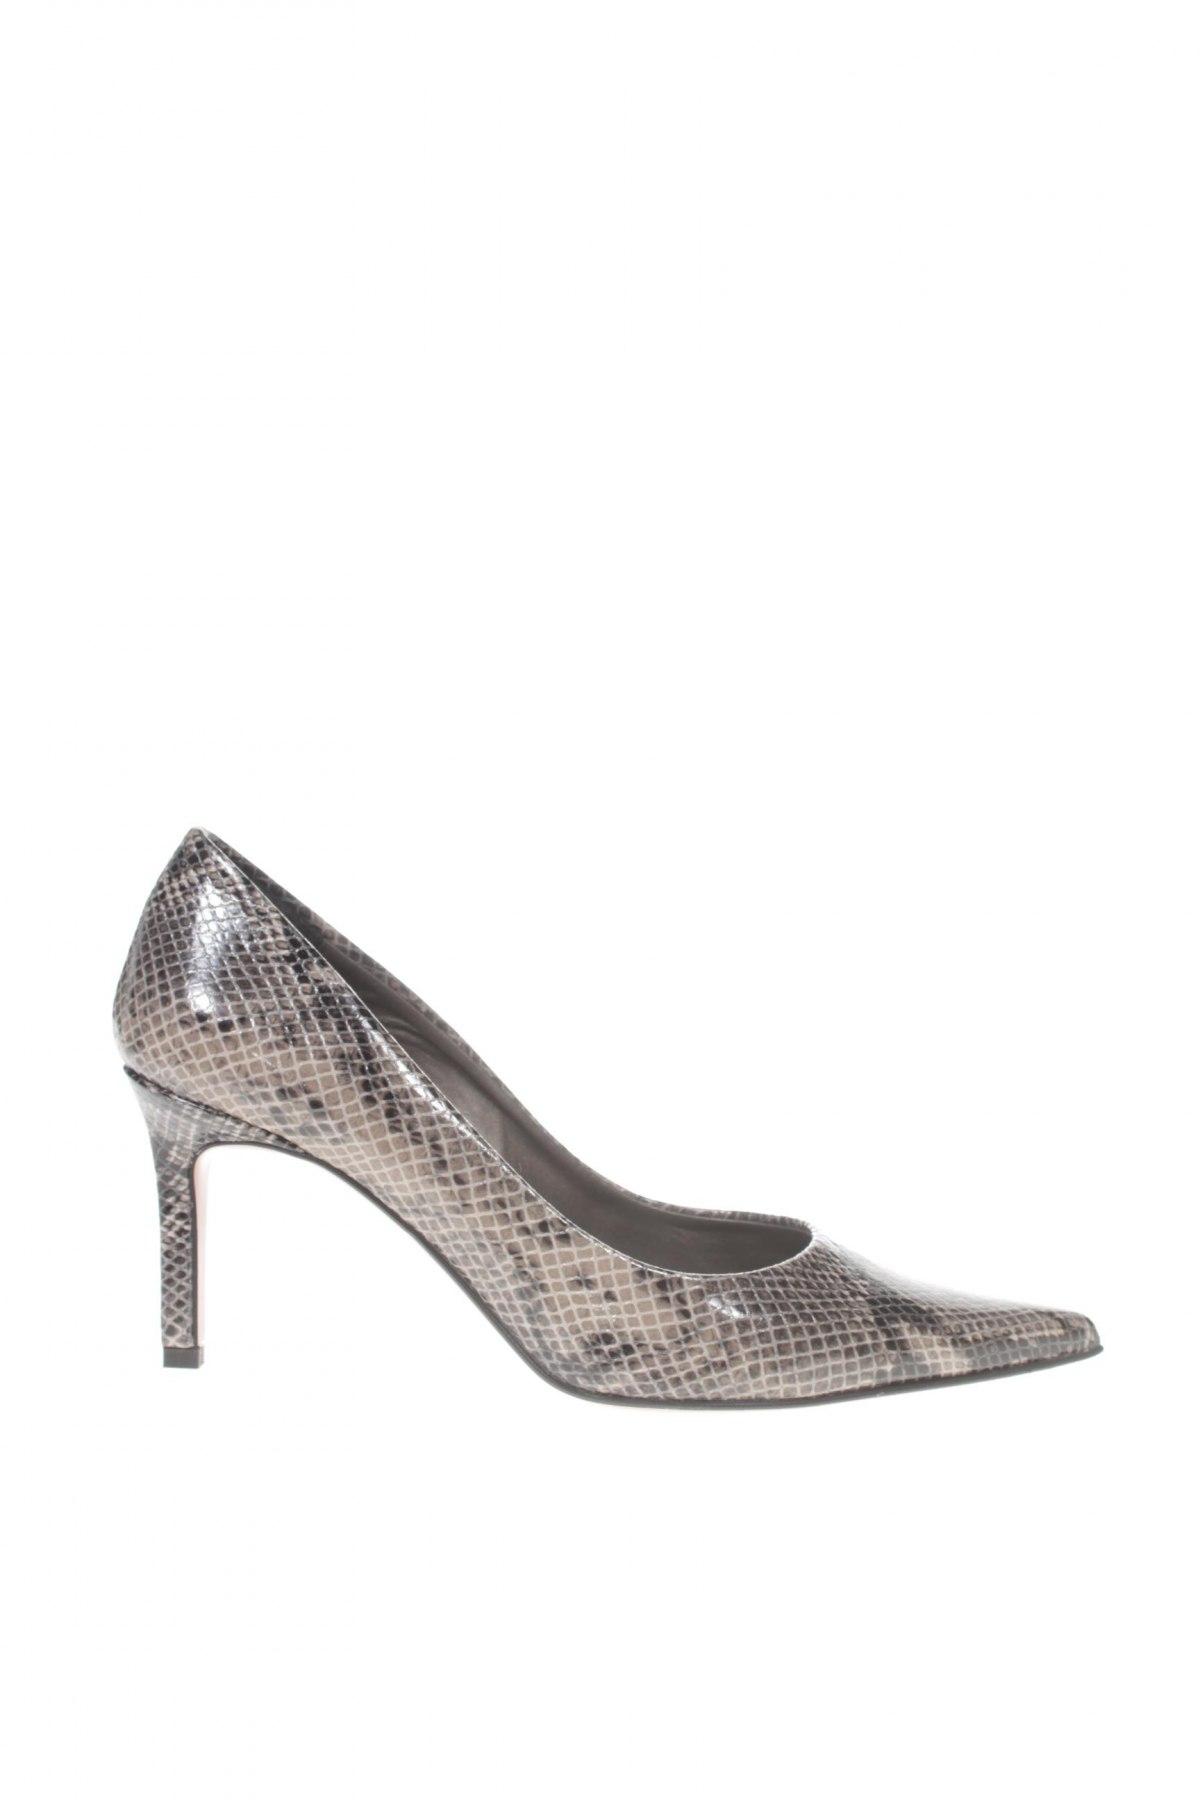 Γυναικεία παπούτσια Oxitaly, Μέγεθος 37, Χρώμα  Μπέζ, Γνήσιο δέρμα, Τιμή 16,48€